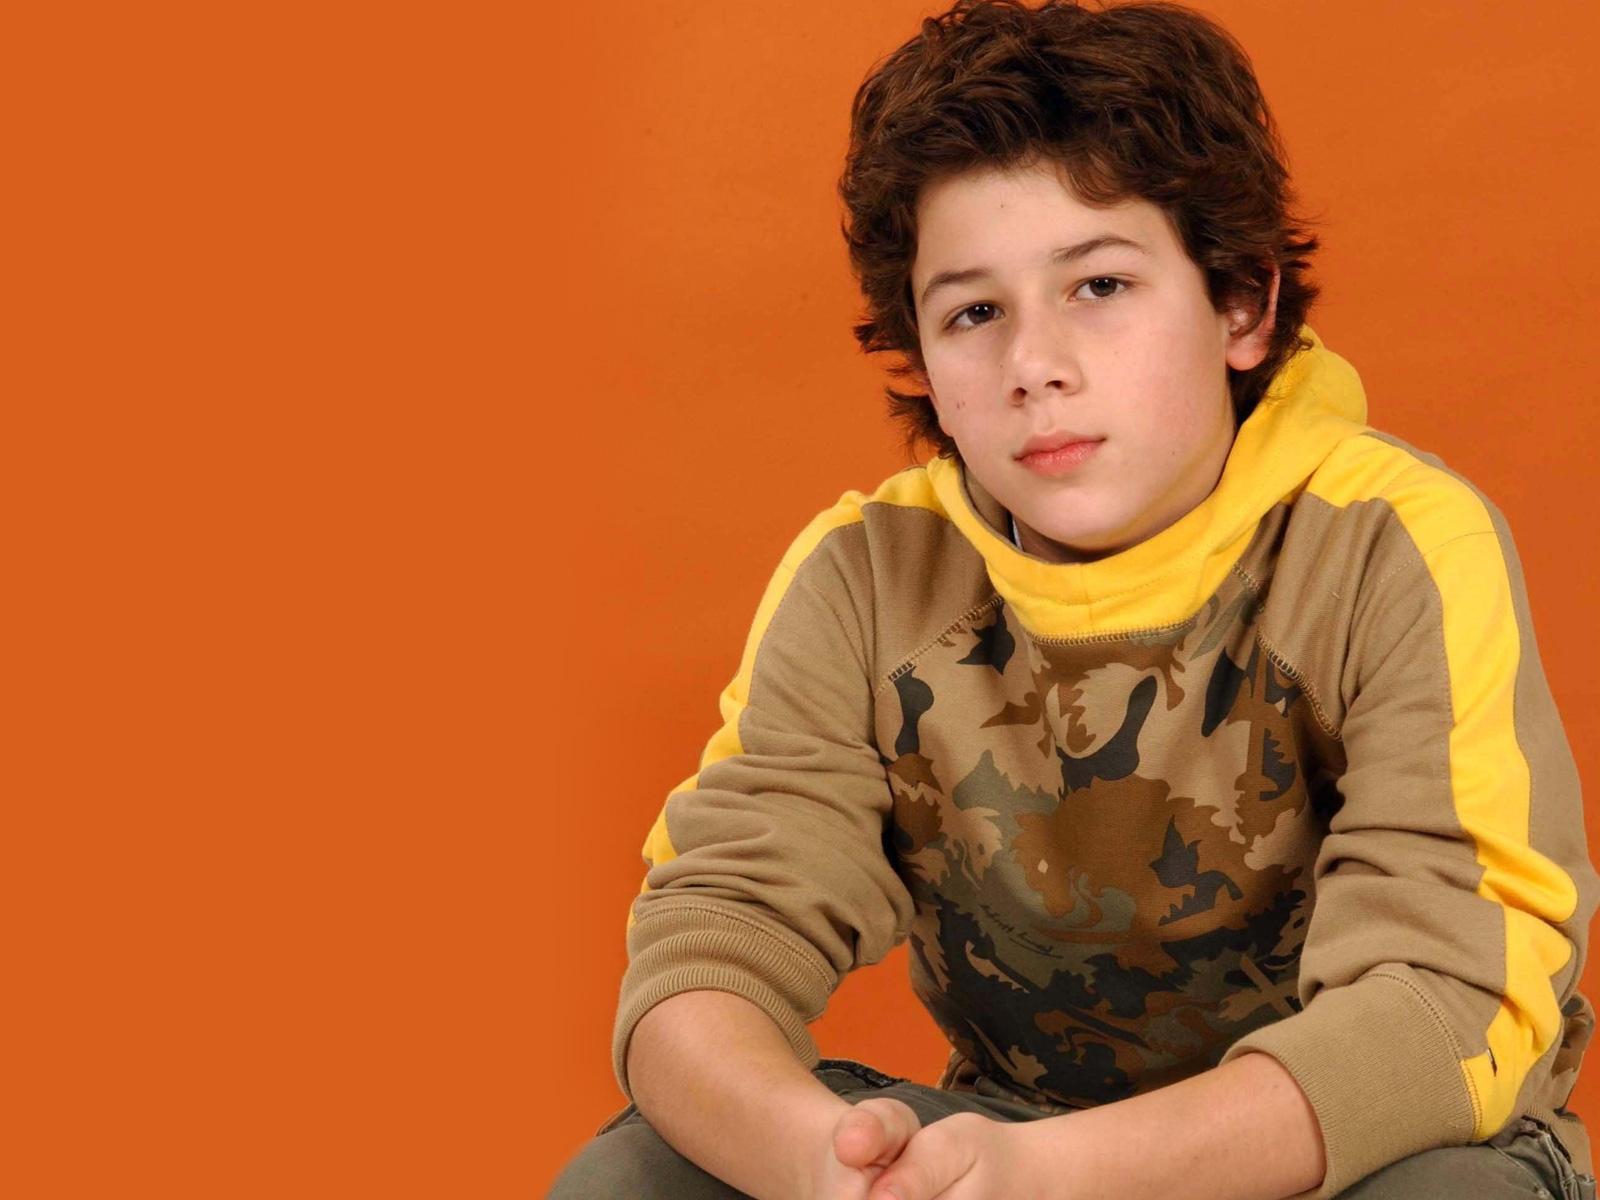 Nick Jonas actor childhood kid stylish celebrity